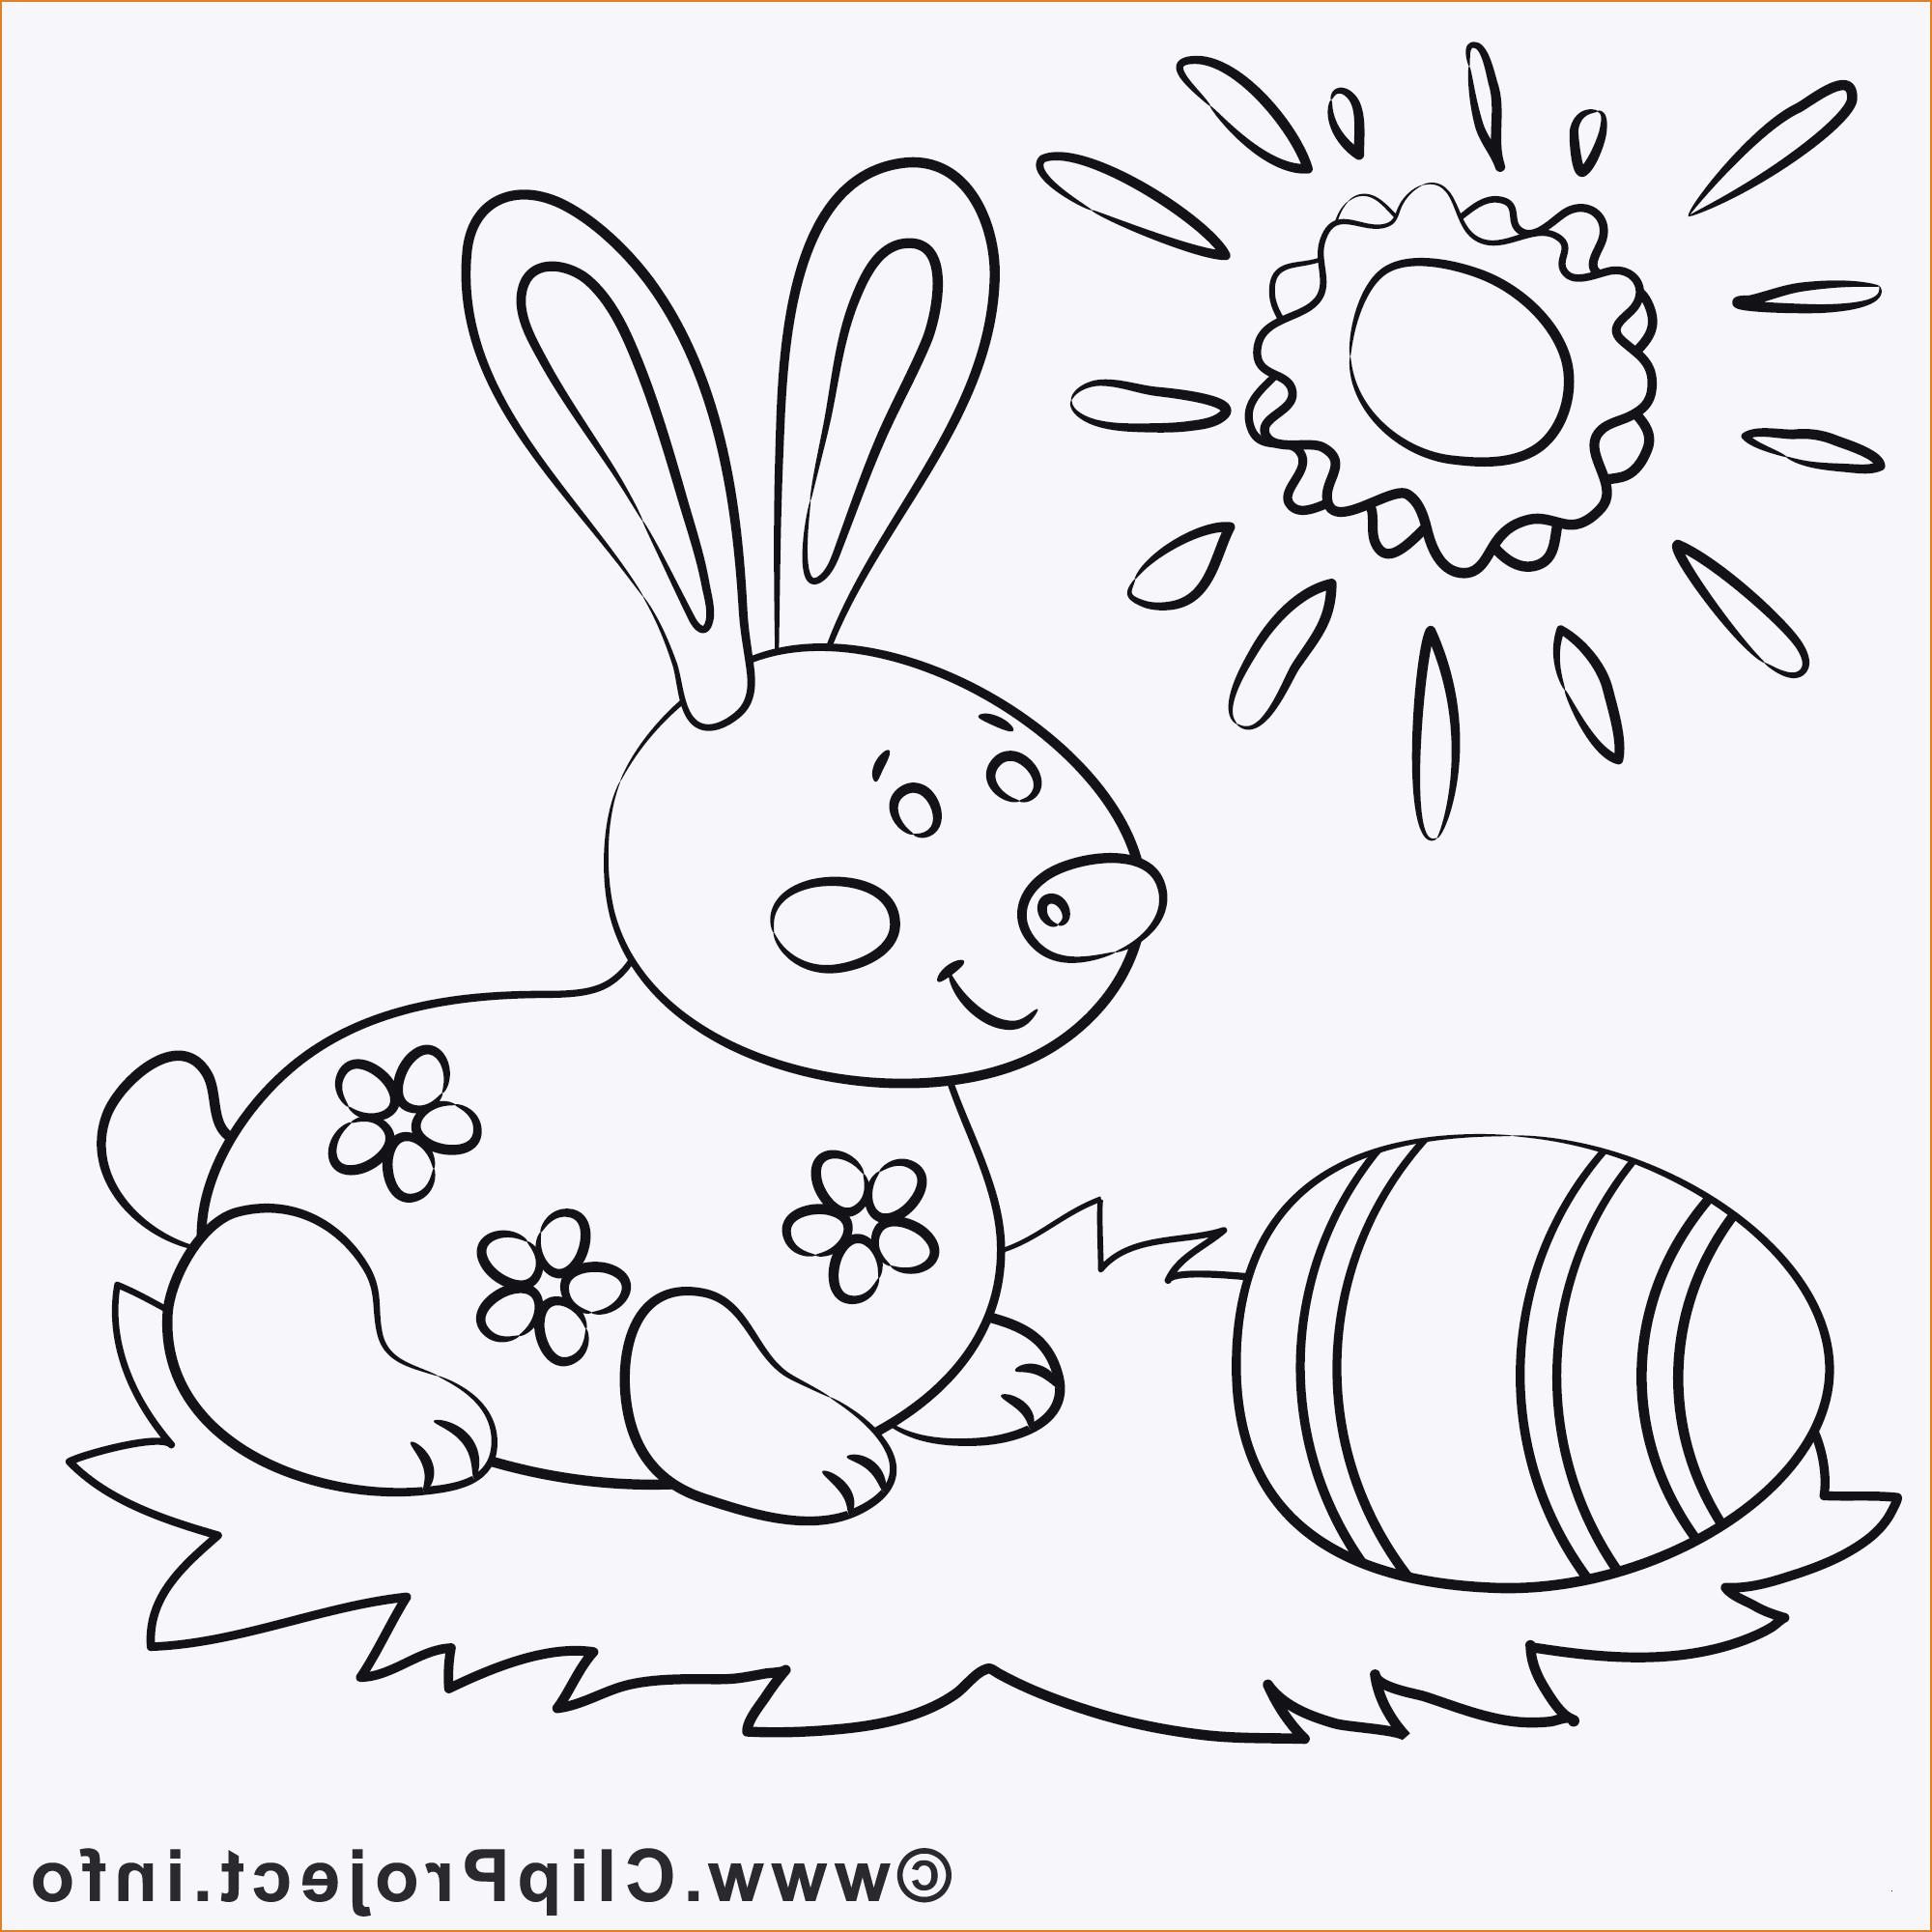 Hase Malen Vorlage Neu 34 Frisch Malvorlage Hase – Malvorlagen Ideen Bild